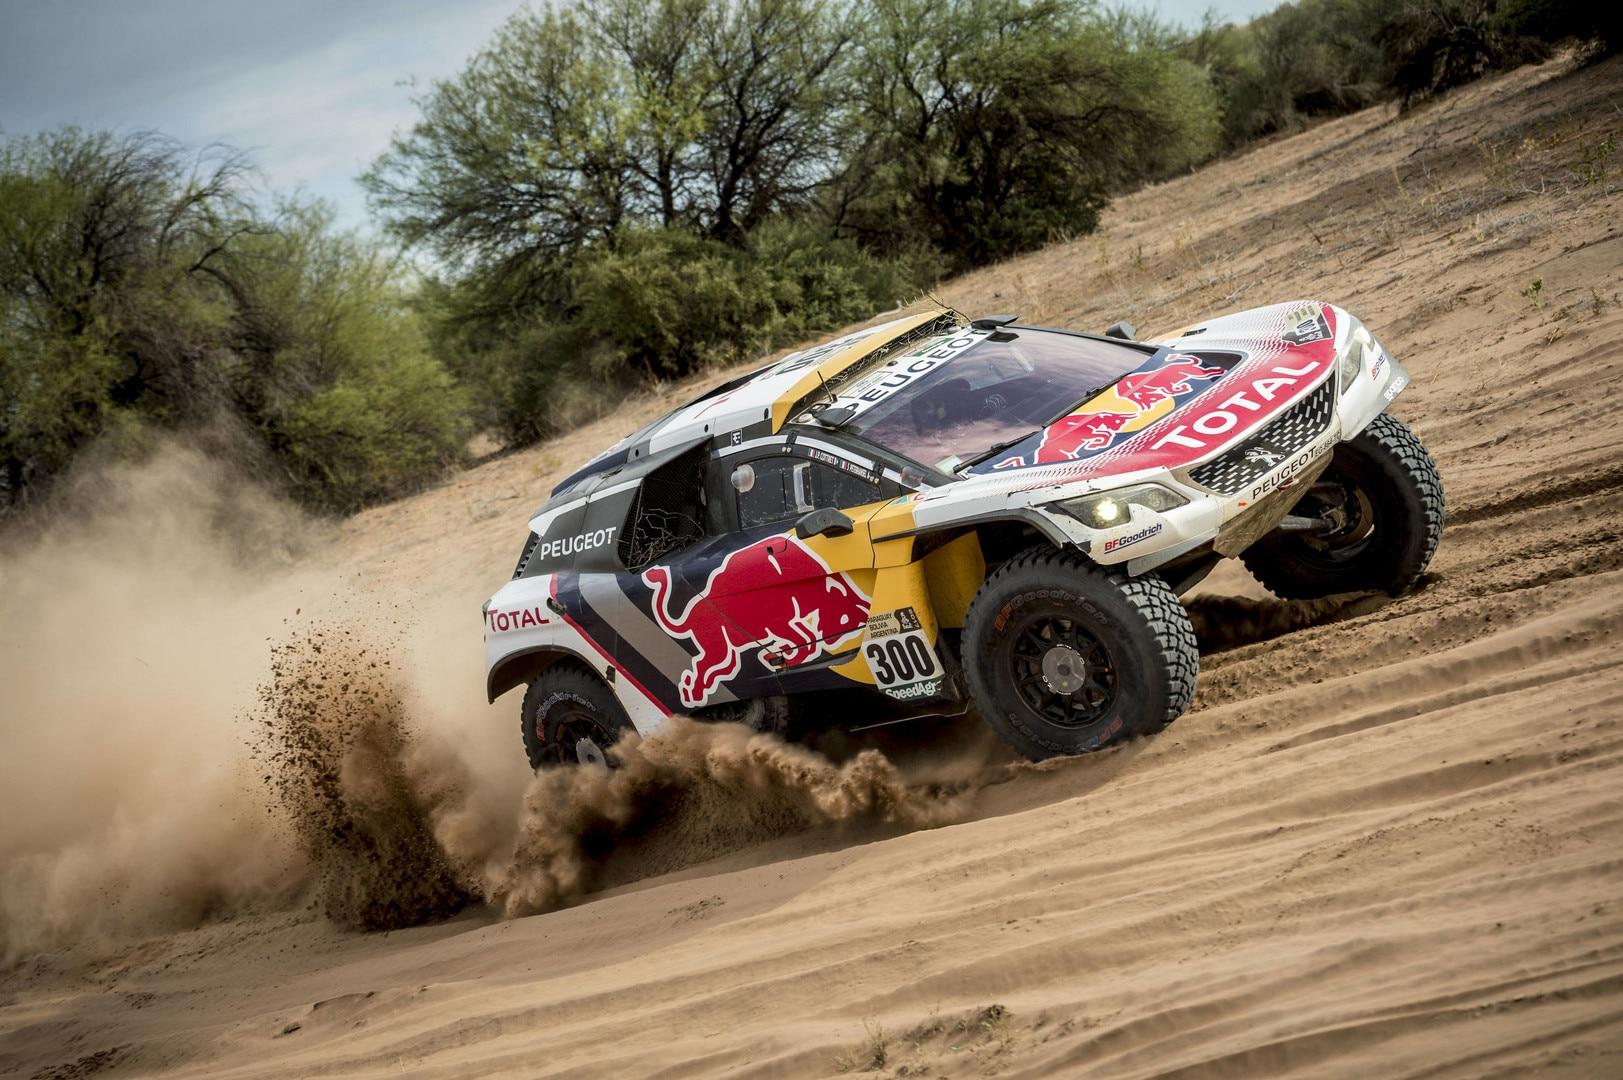 Dakar victory